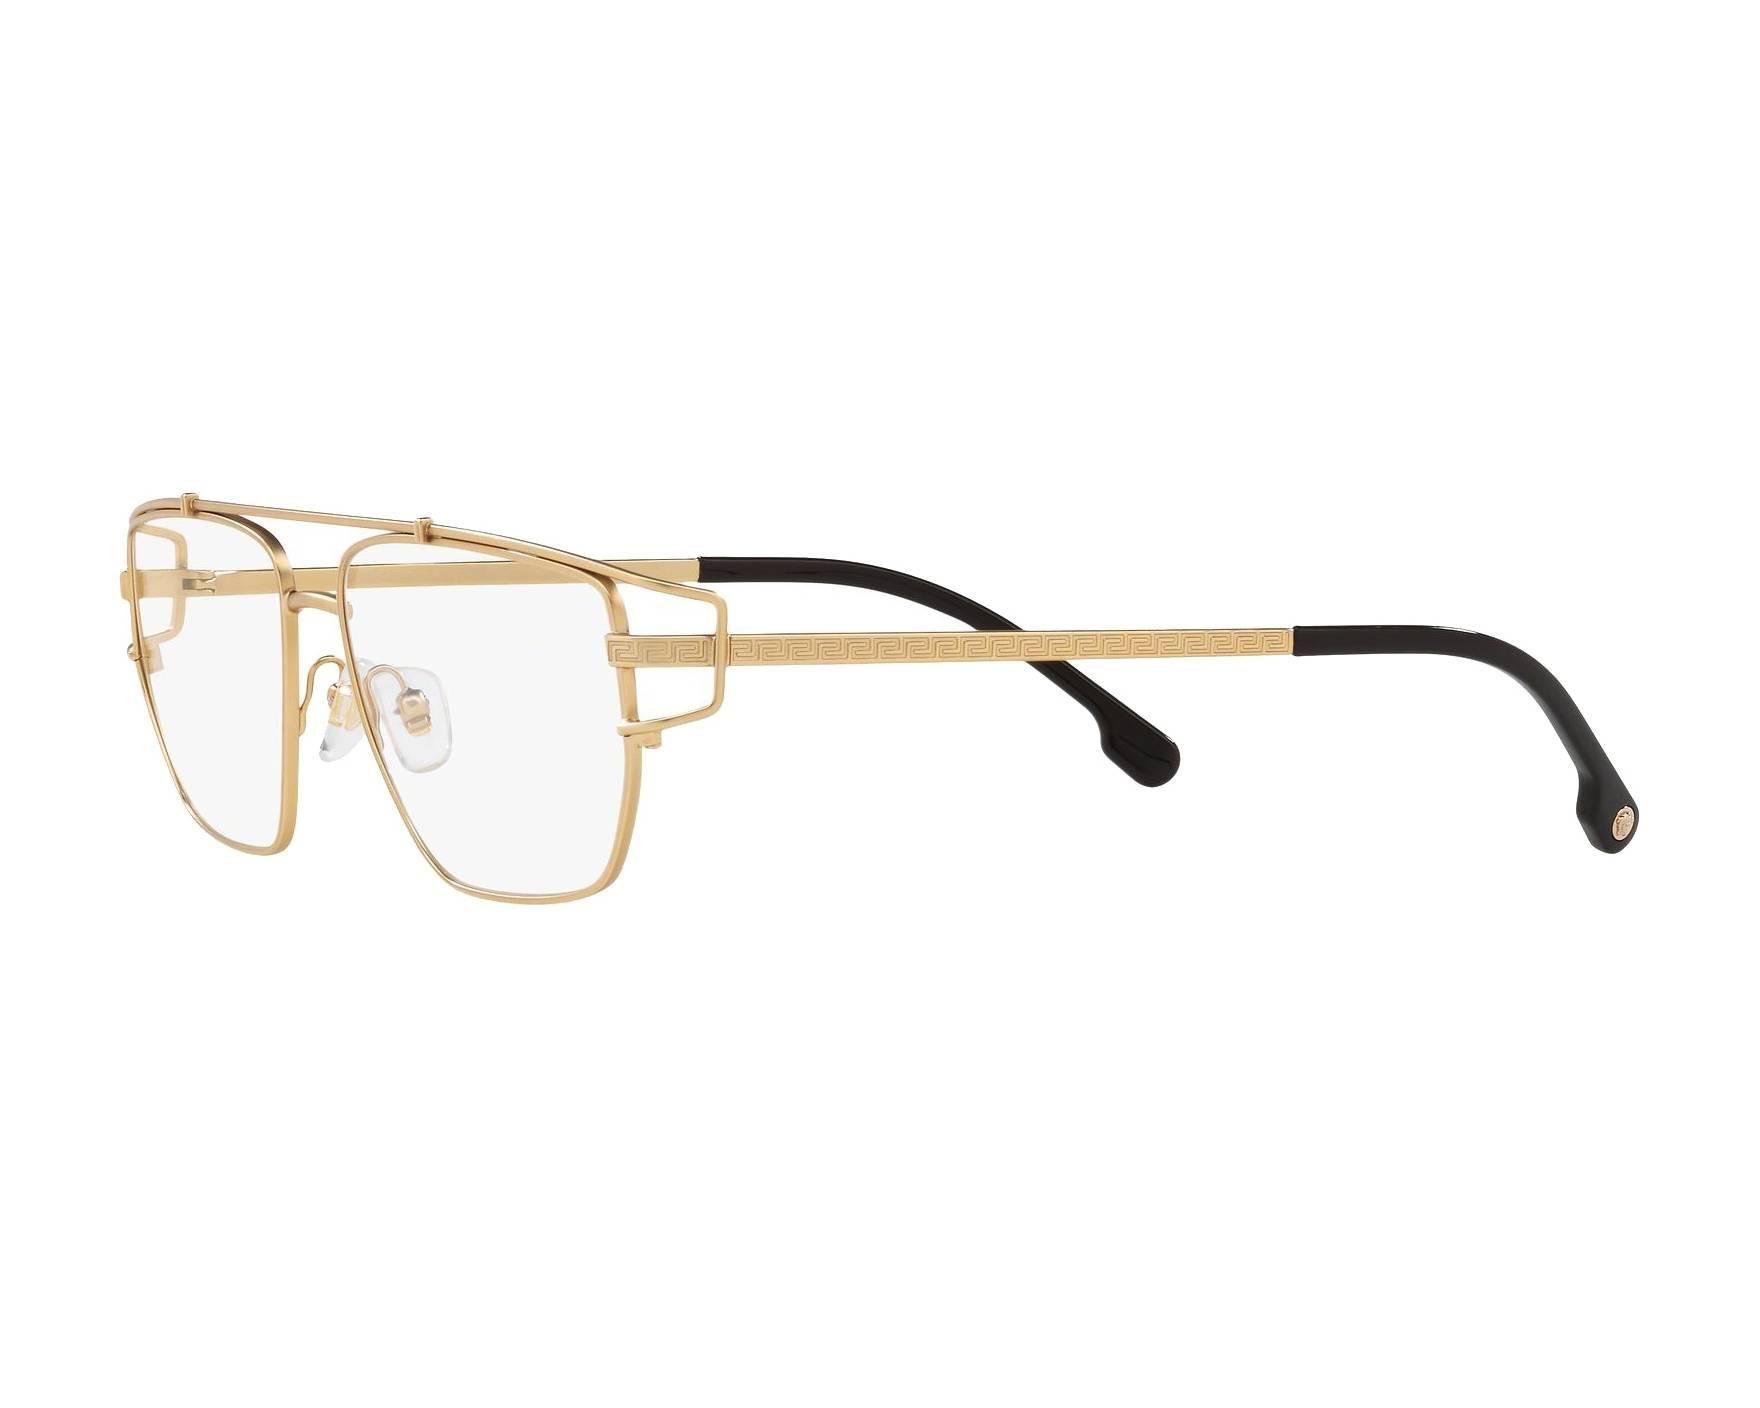 36fdaea3d56 eyeglasses Versace VE-1257 1410 55-15 Gold 360 degree view 3